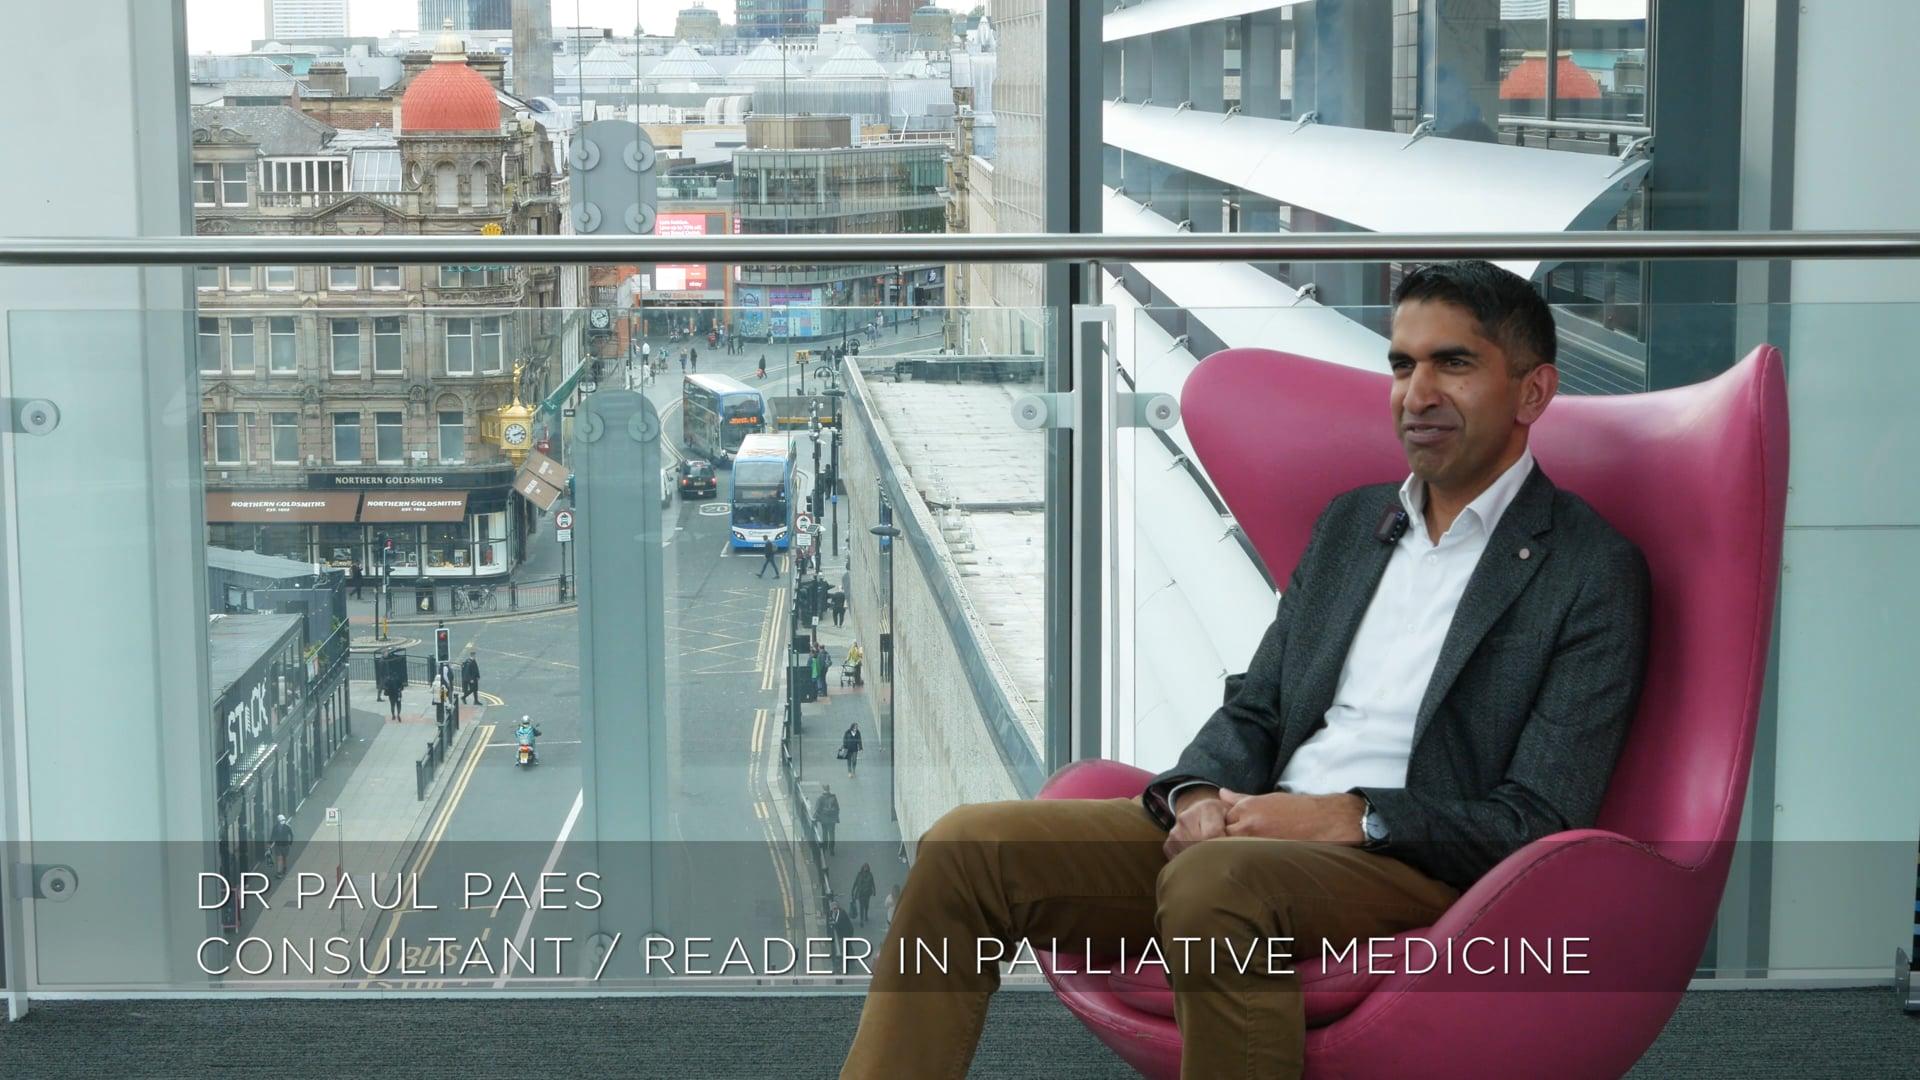 Dr Paul Paes talks about a memorable patient